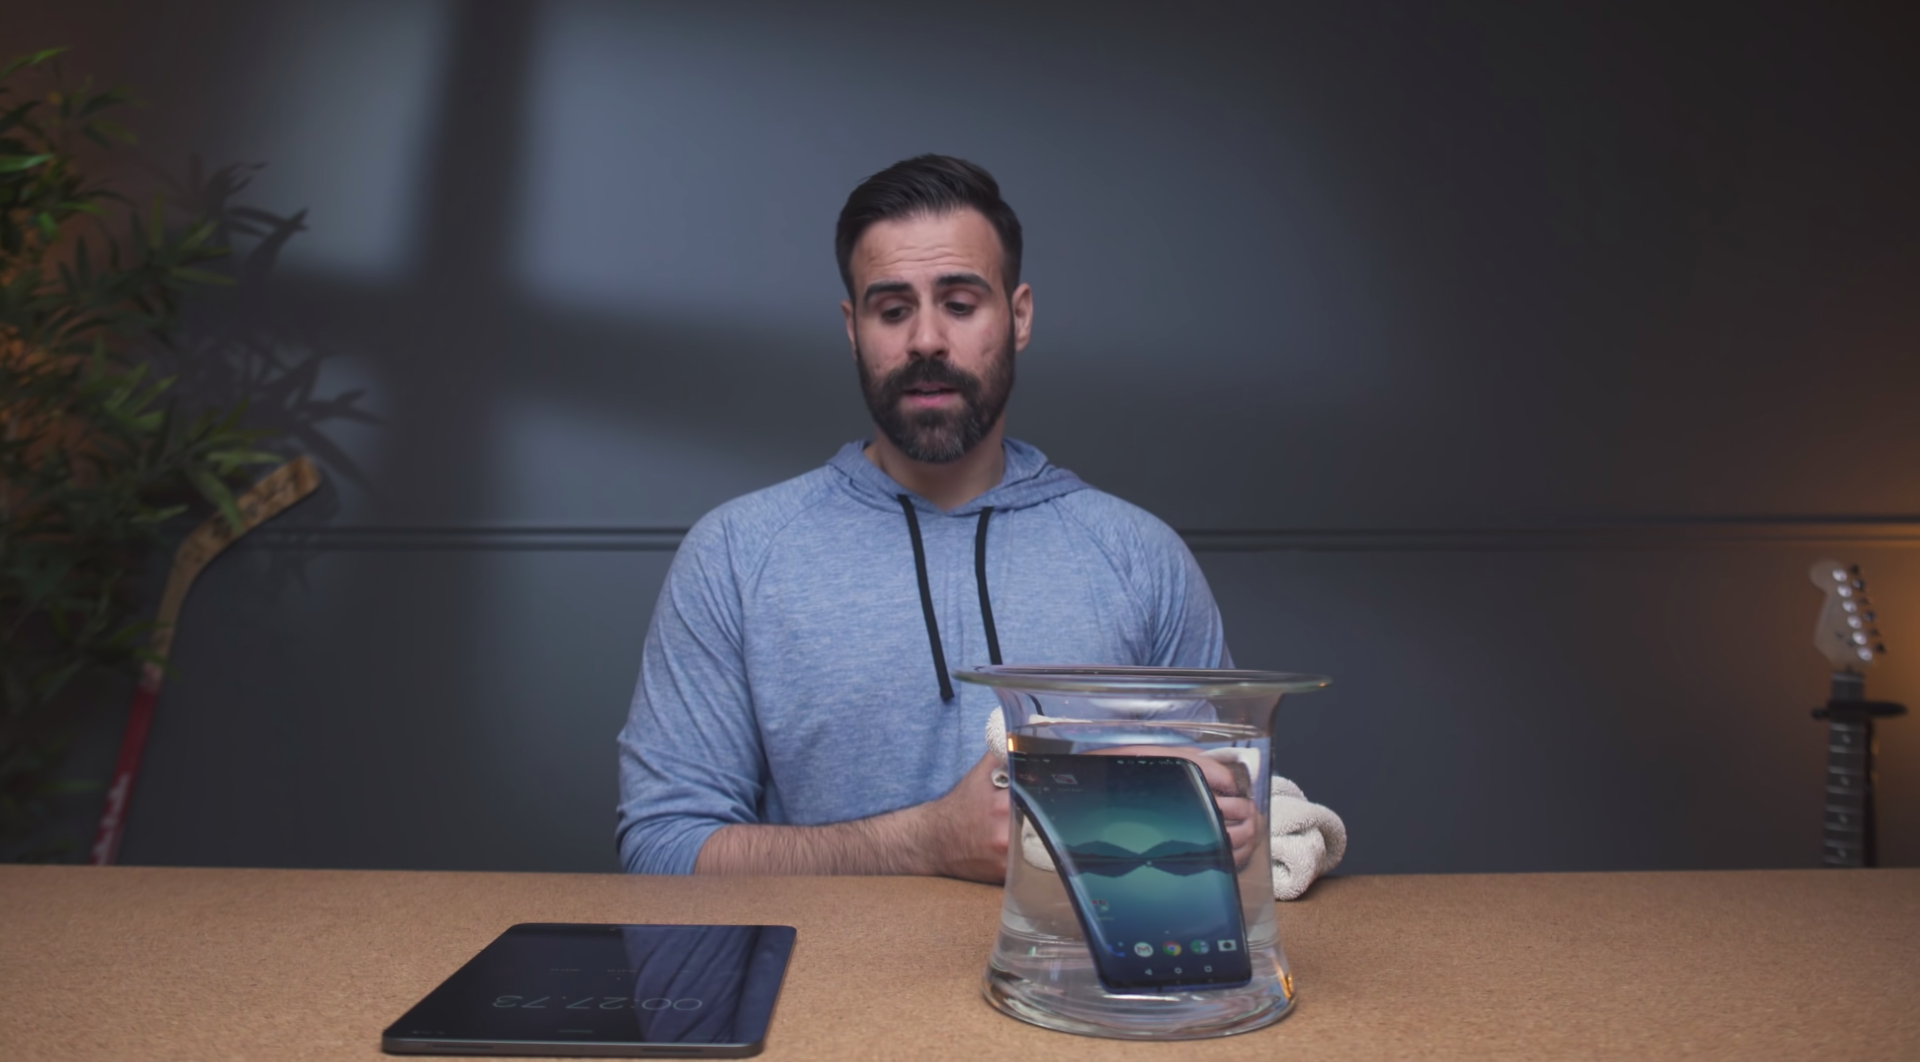 一加 7 Pro在水中浸泡30分钟 结果如何?